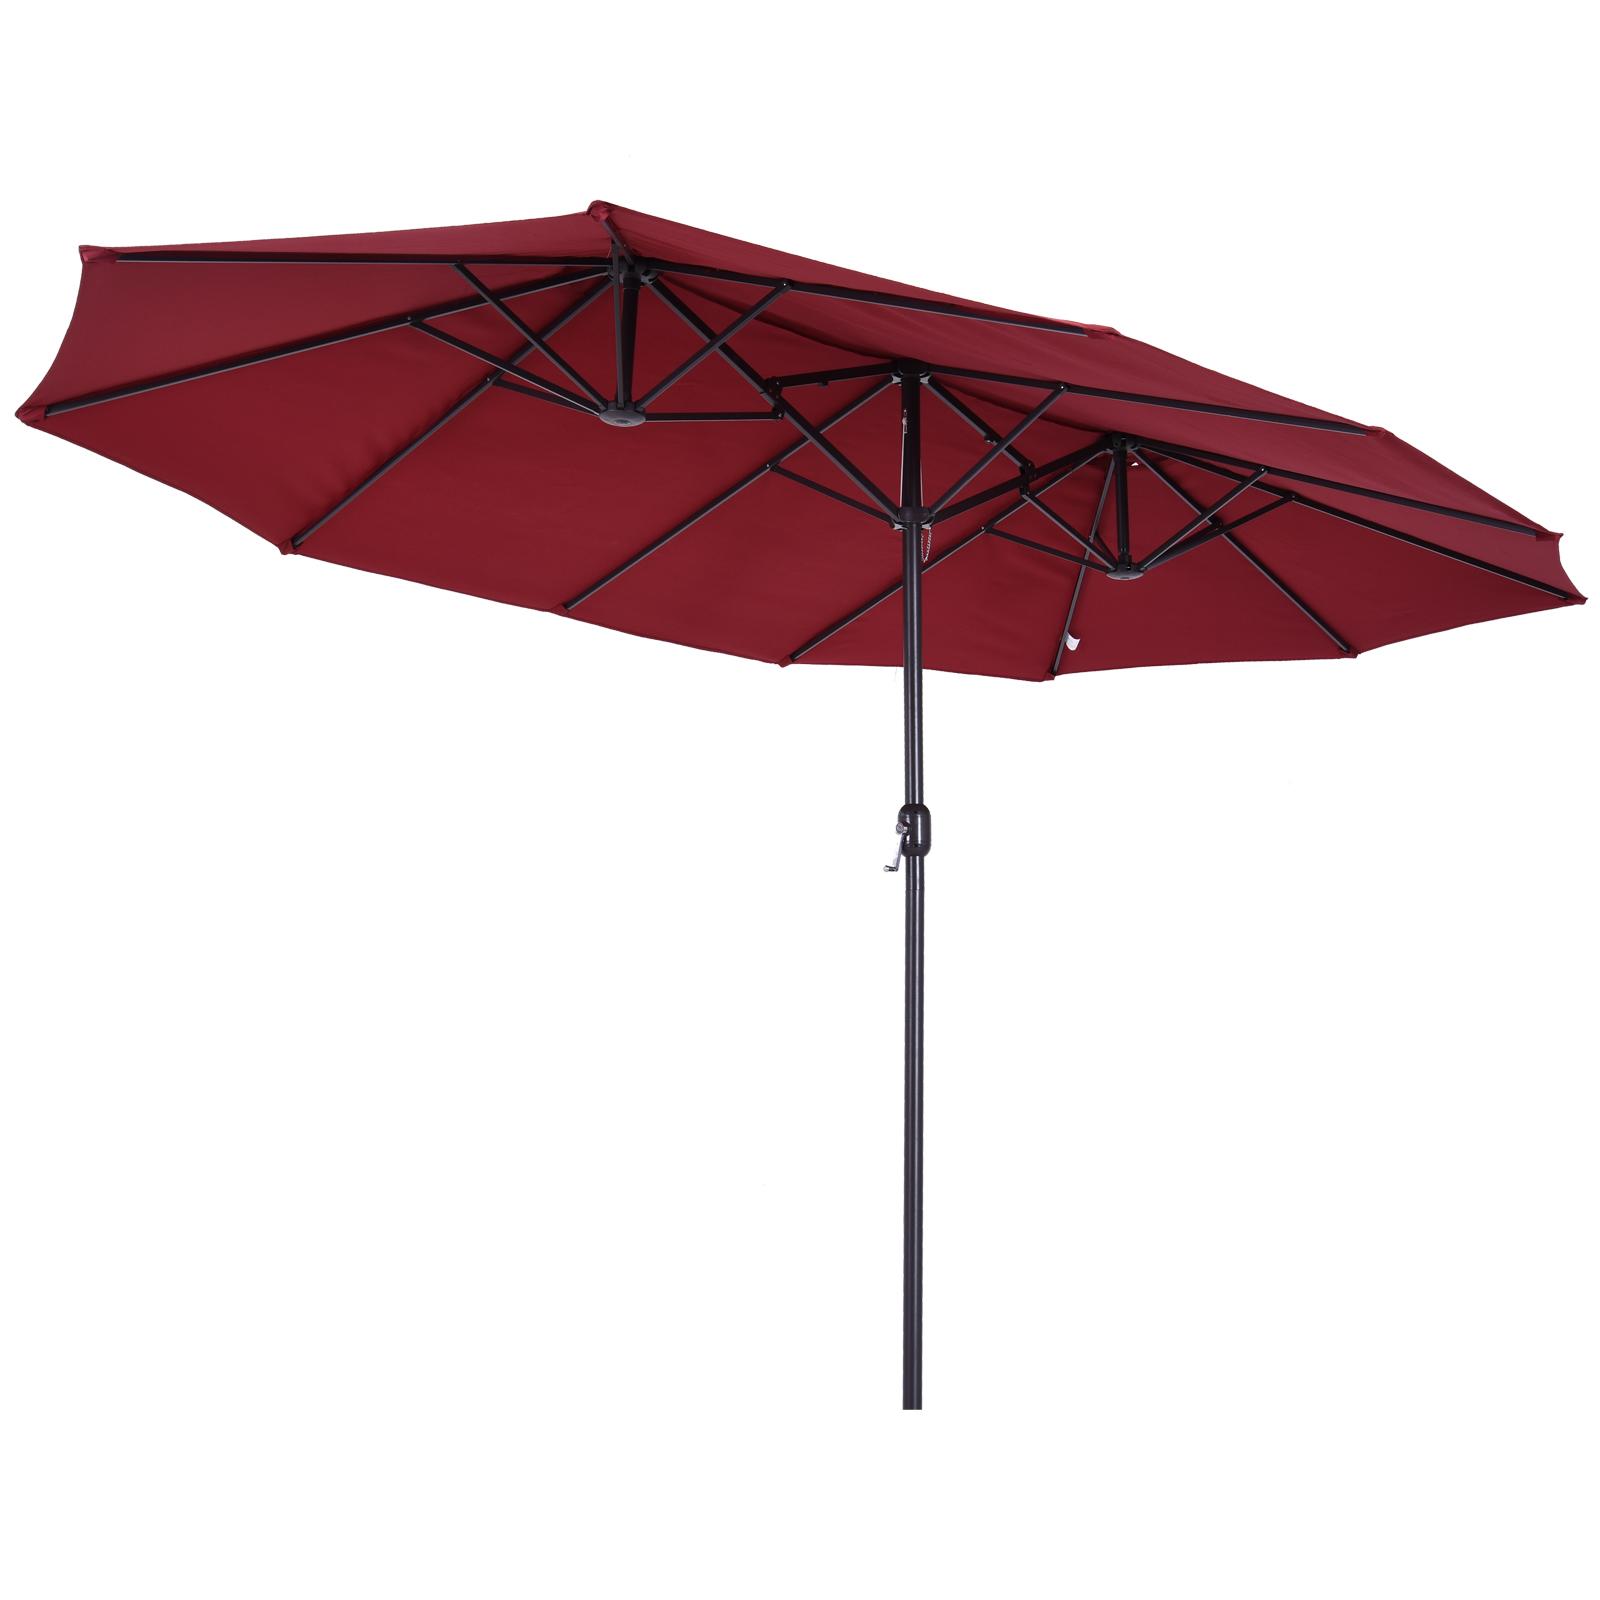 Grand parasol bordeaux